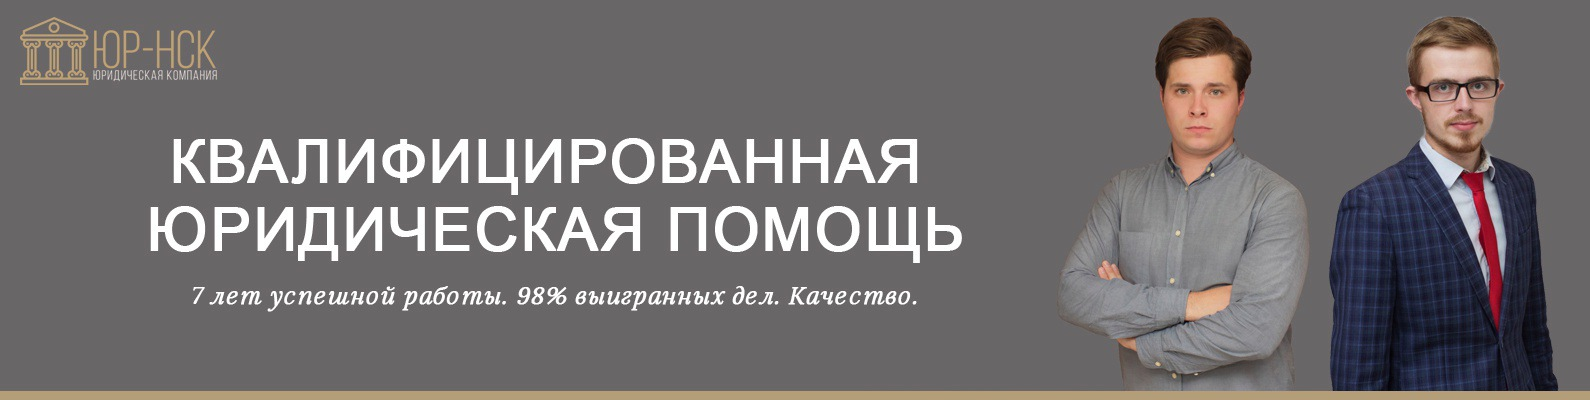 опасности бесплатная юридическая помощь в новосибирск Элвин